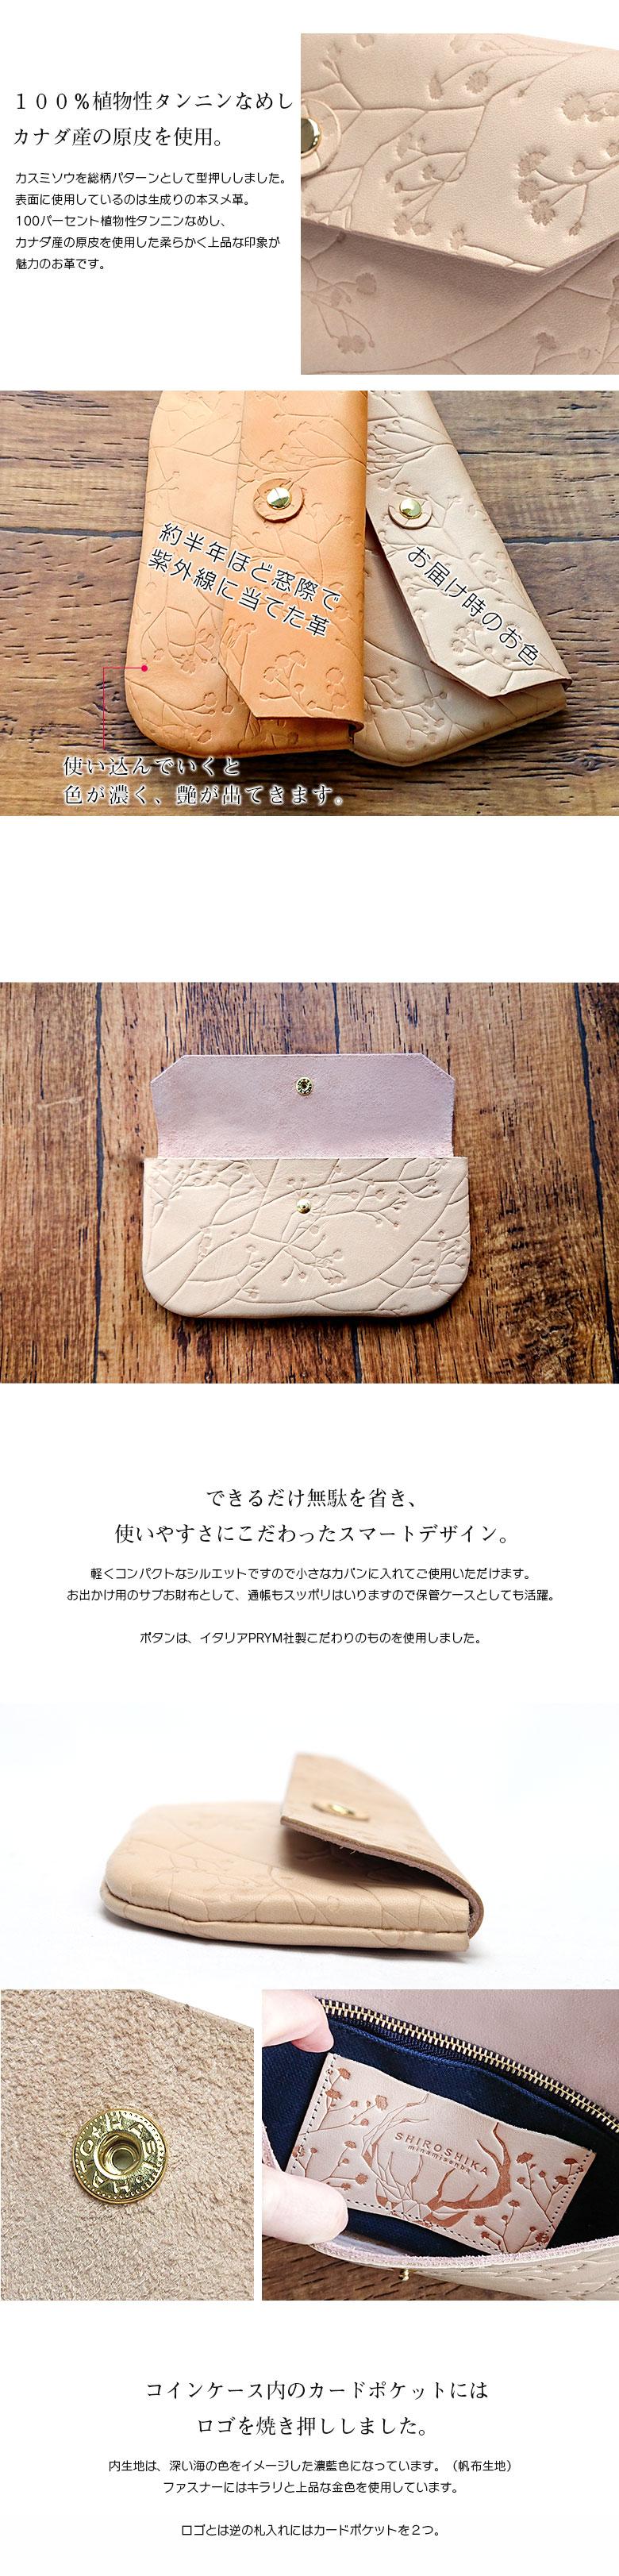 財布 通販 SHIROSHIKA シロシカ  本ヌメ革 カスミソウ オリジナル型押し スリムマルチケース ベージュ 本ヌメ革